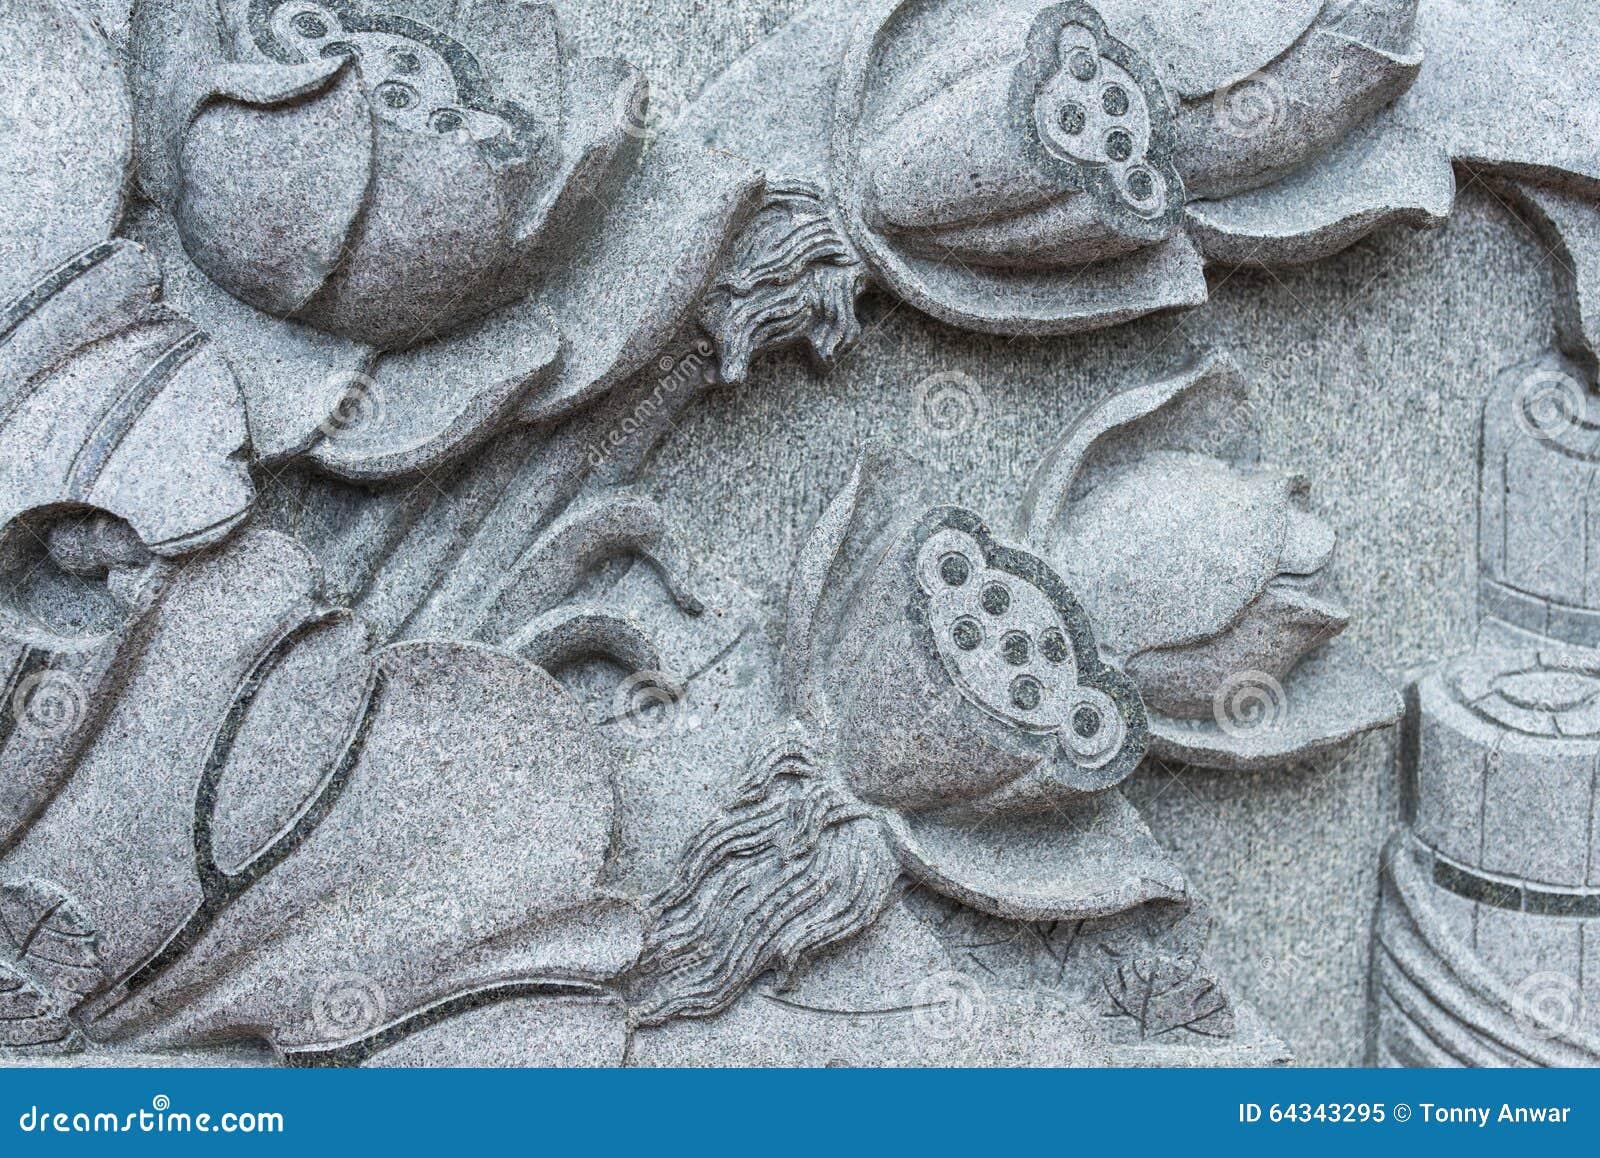 Stone craft stock photo image